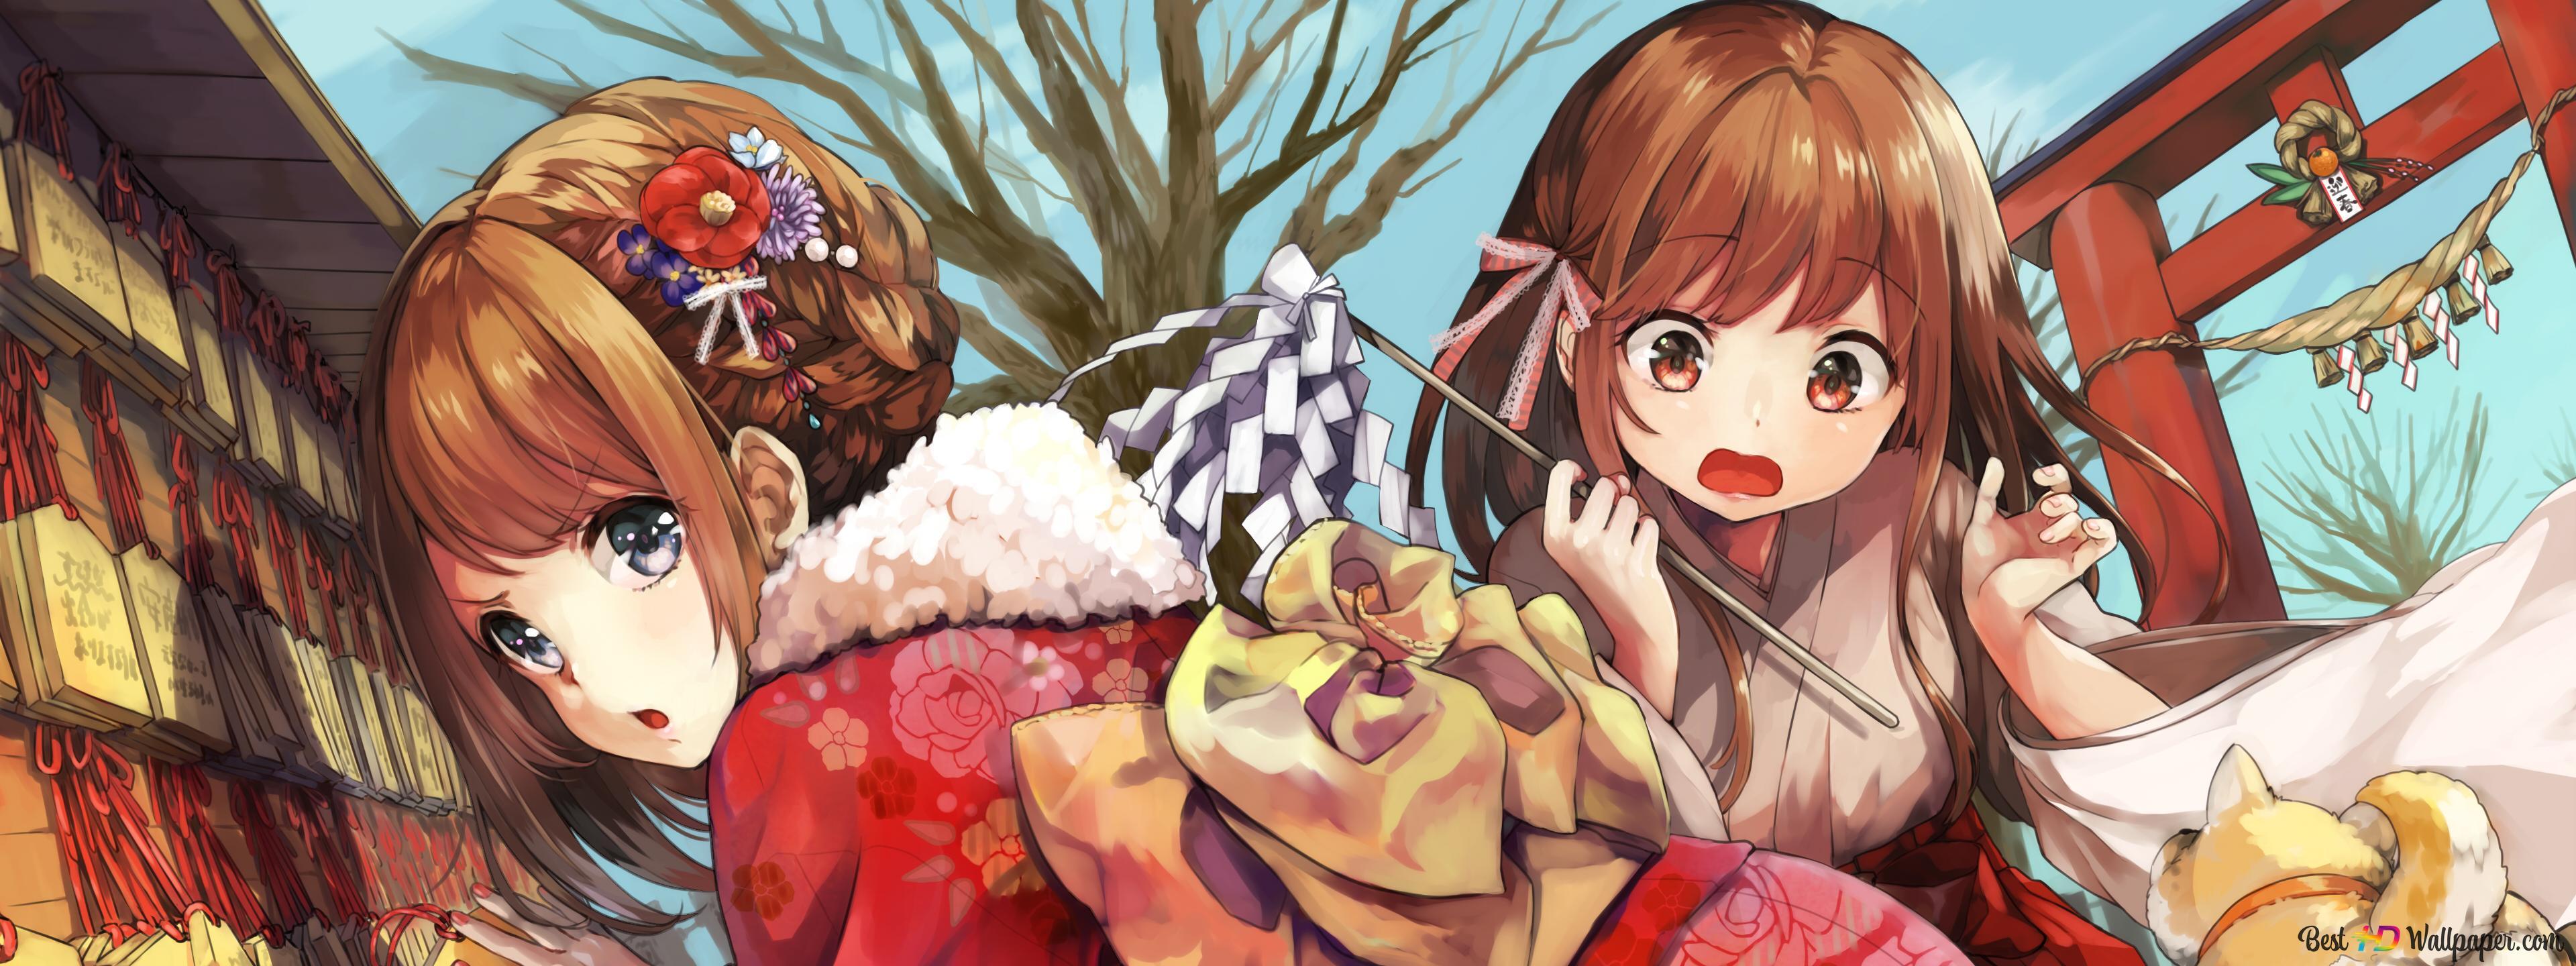 Ragazze Anime In Kimono Rosso Download Di Sfondi Hd